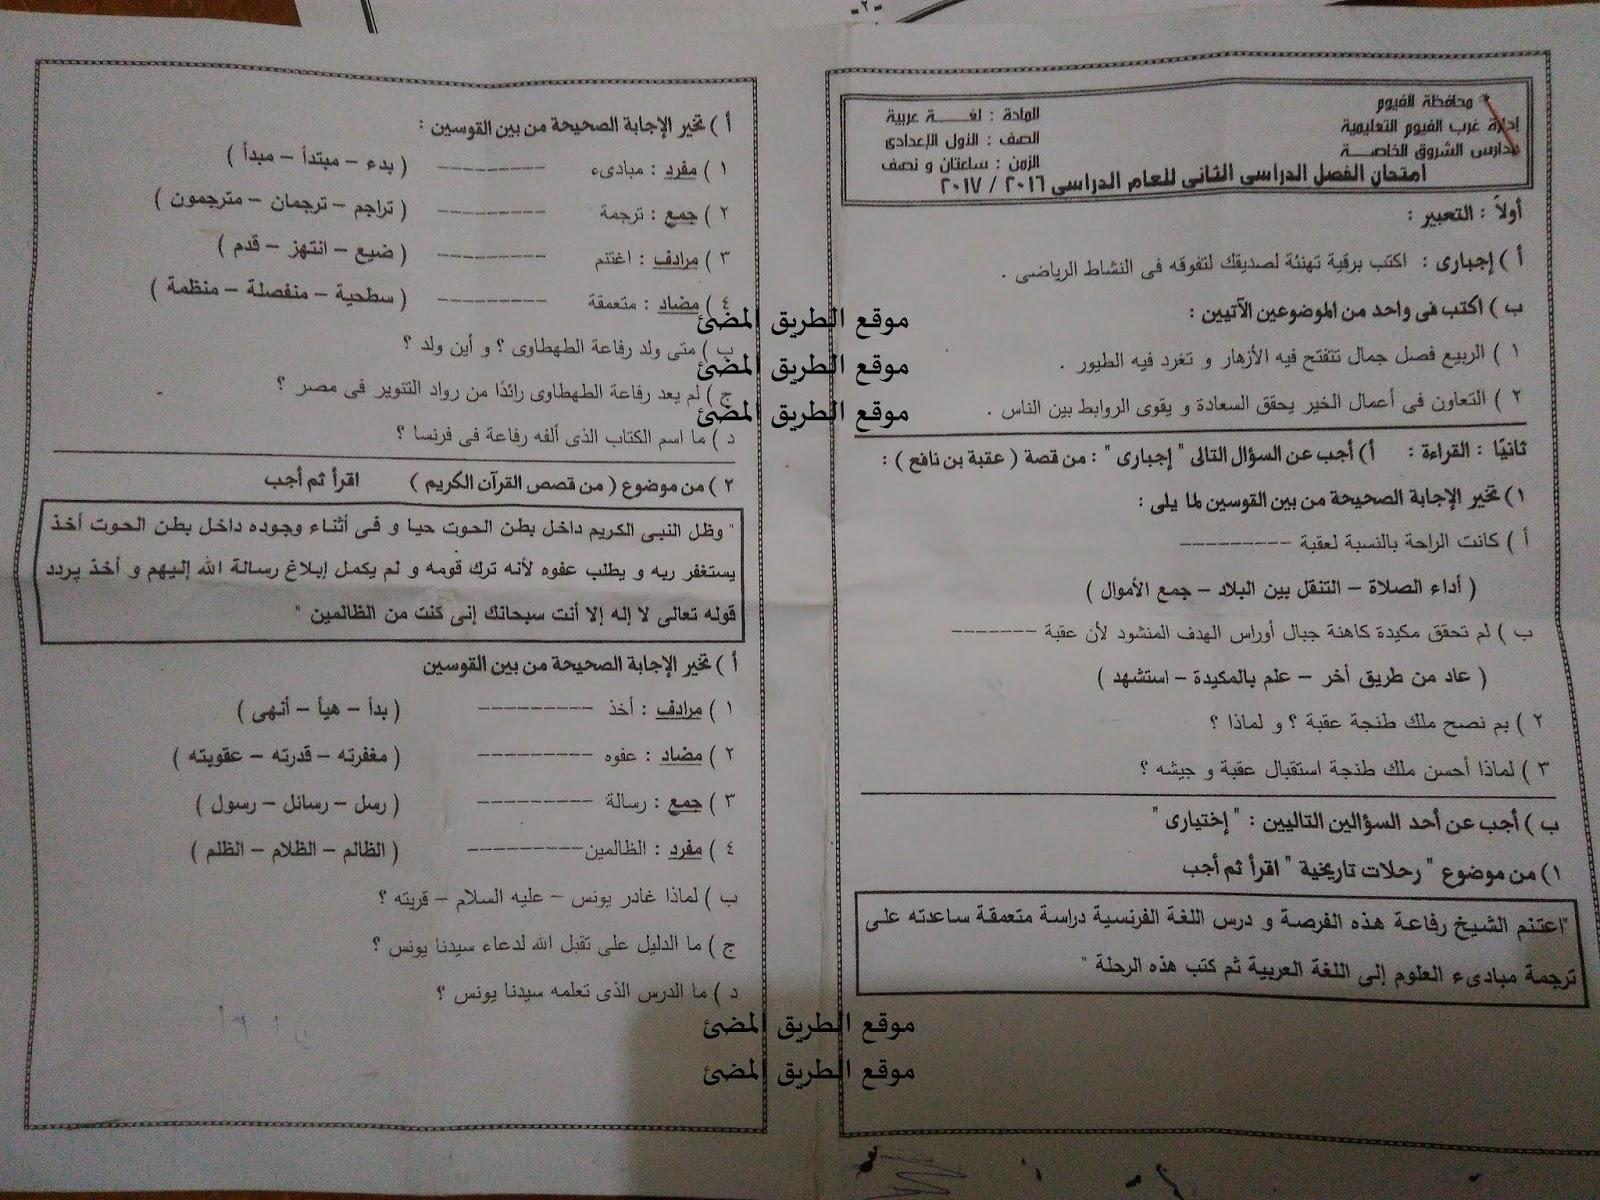 تحميل امتحانات ماده اللغه العربيه للصف الاول الاعدادي الرسمى محافظة الفيوم